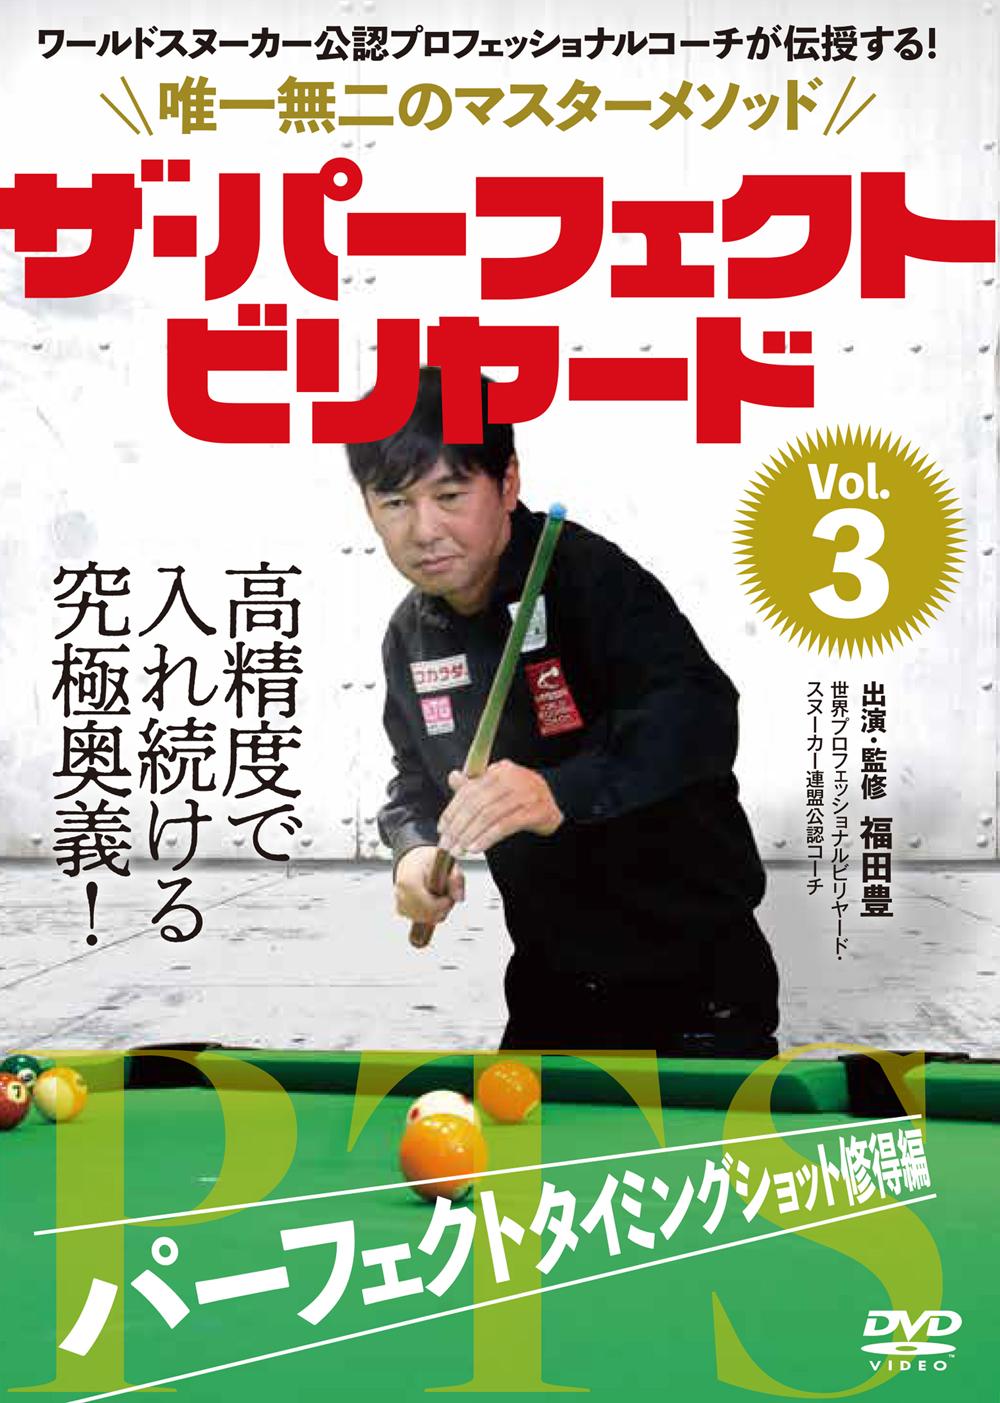 DVD ザ・パーフェクト・ビリヤード Vol.3